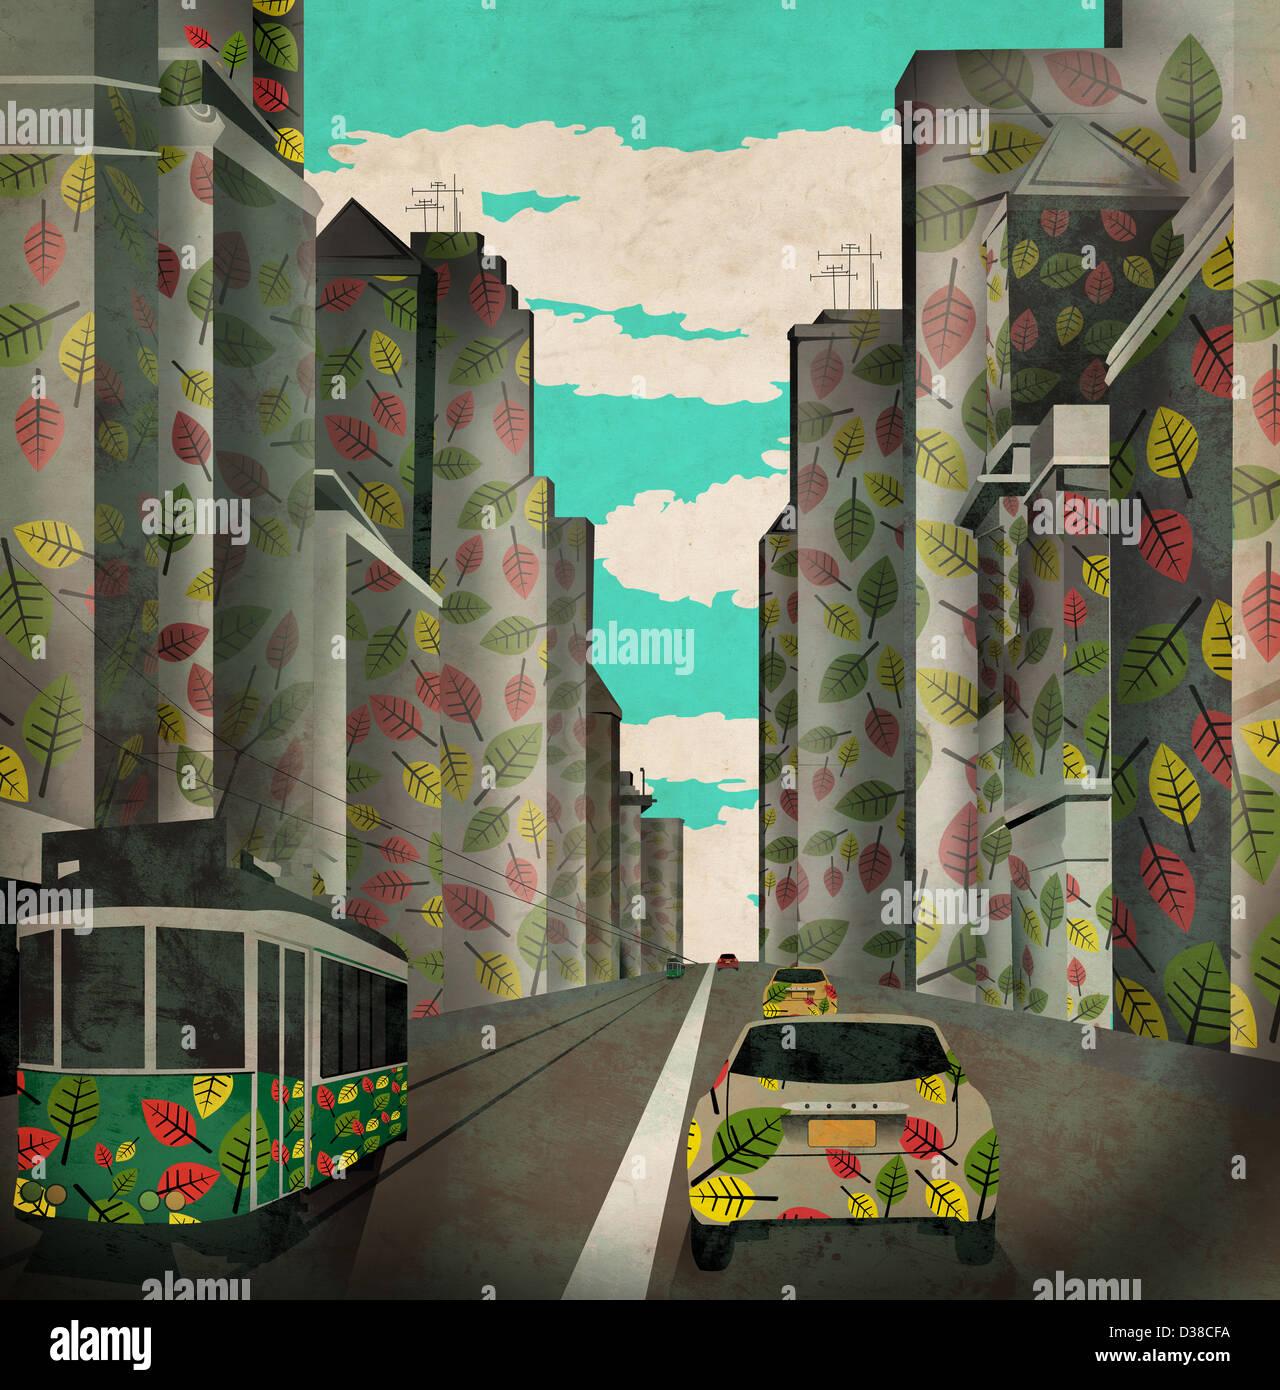 Immagine illustrativa dei veicoli ed edifici con foglie disegno raffigurante la città eco Immagini Stock